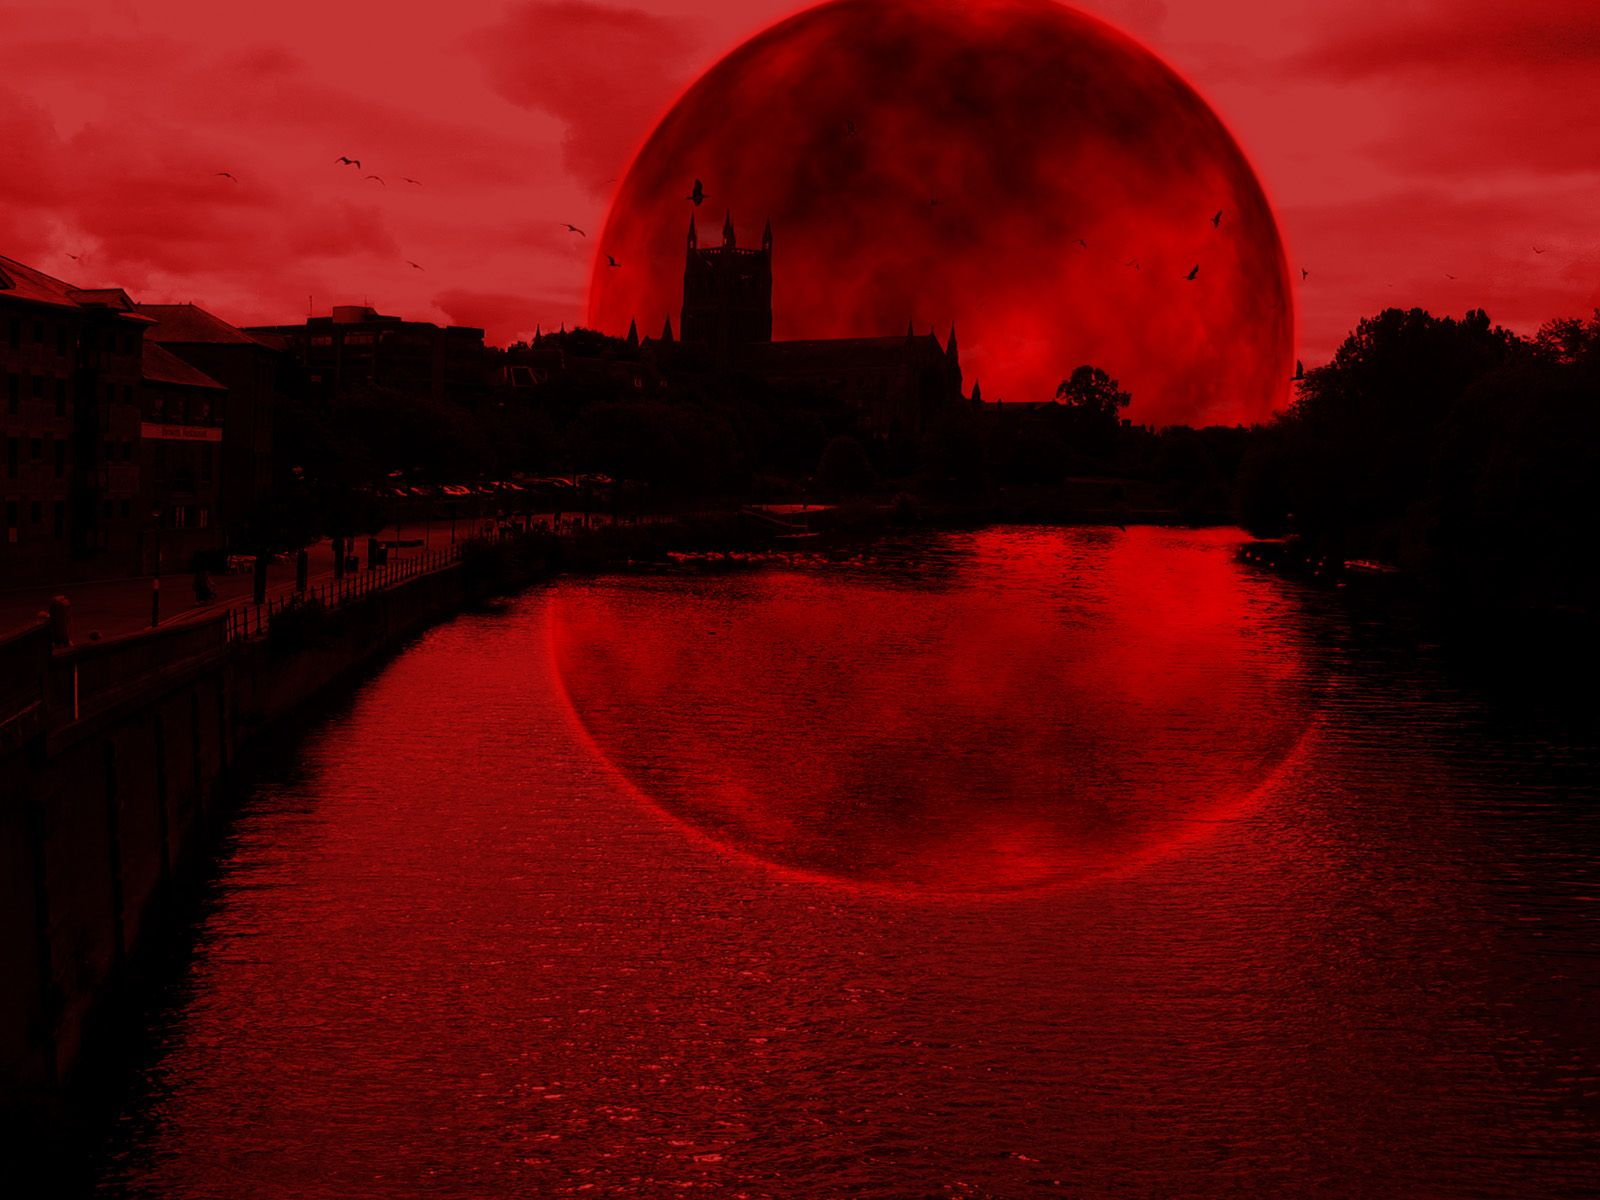 солнечные абсолютно красные картинки подходящей фотографии